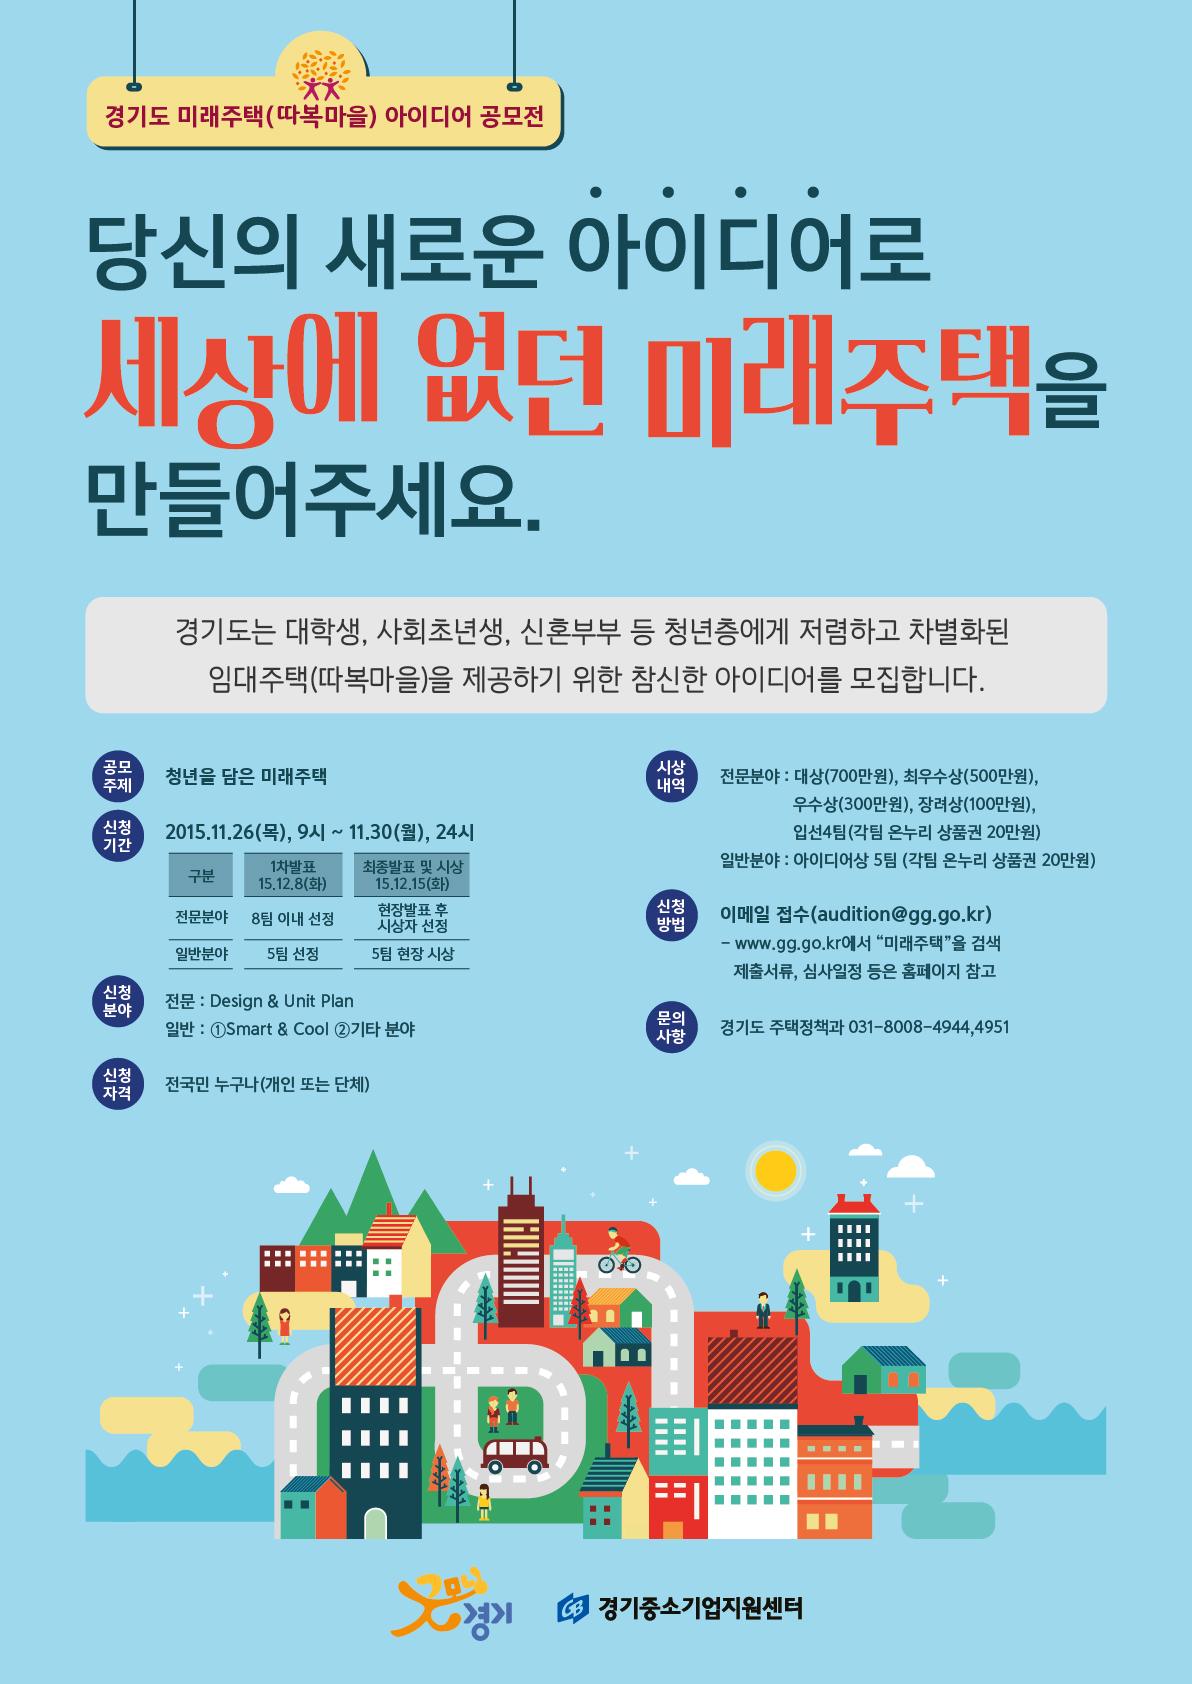 경기도 미래주택 아이디어 공모전